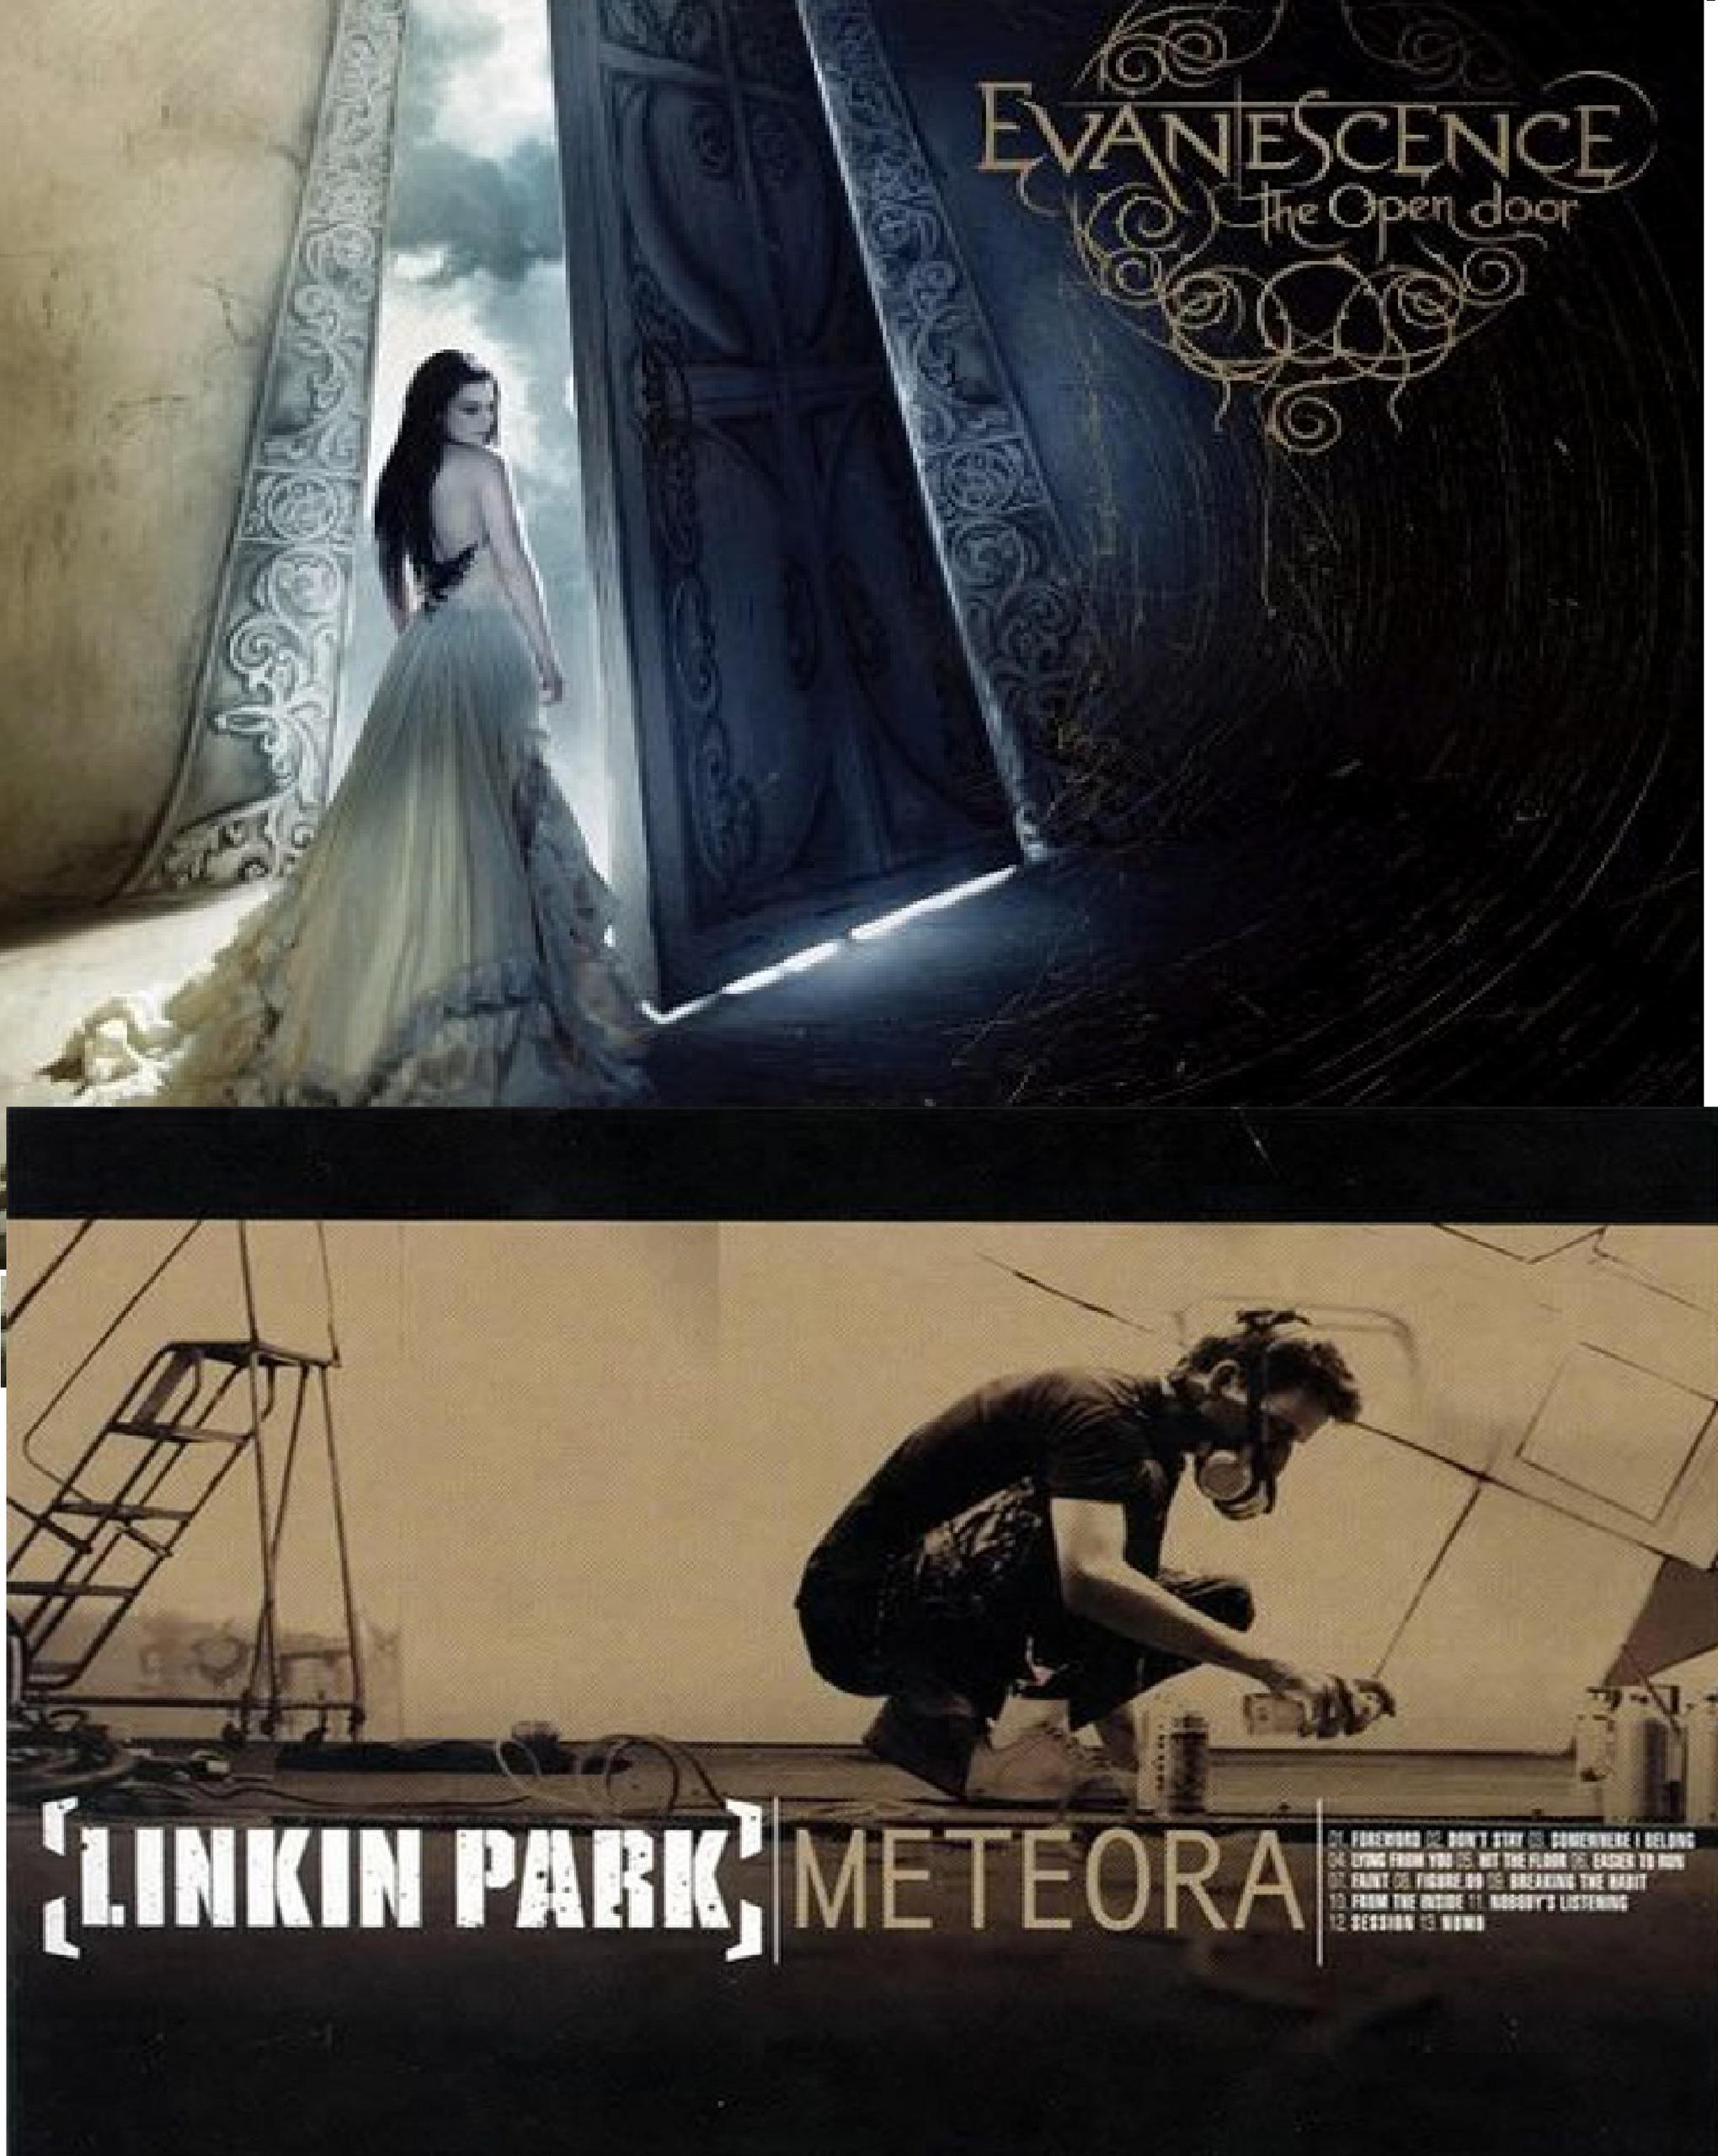 The Open Door Vs Meteora Which Album Do Ty Like Better